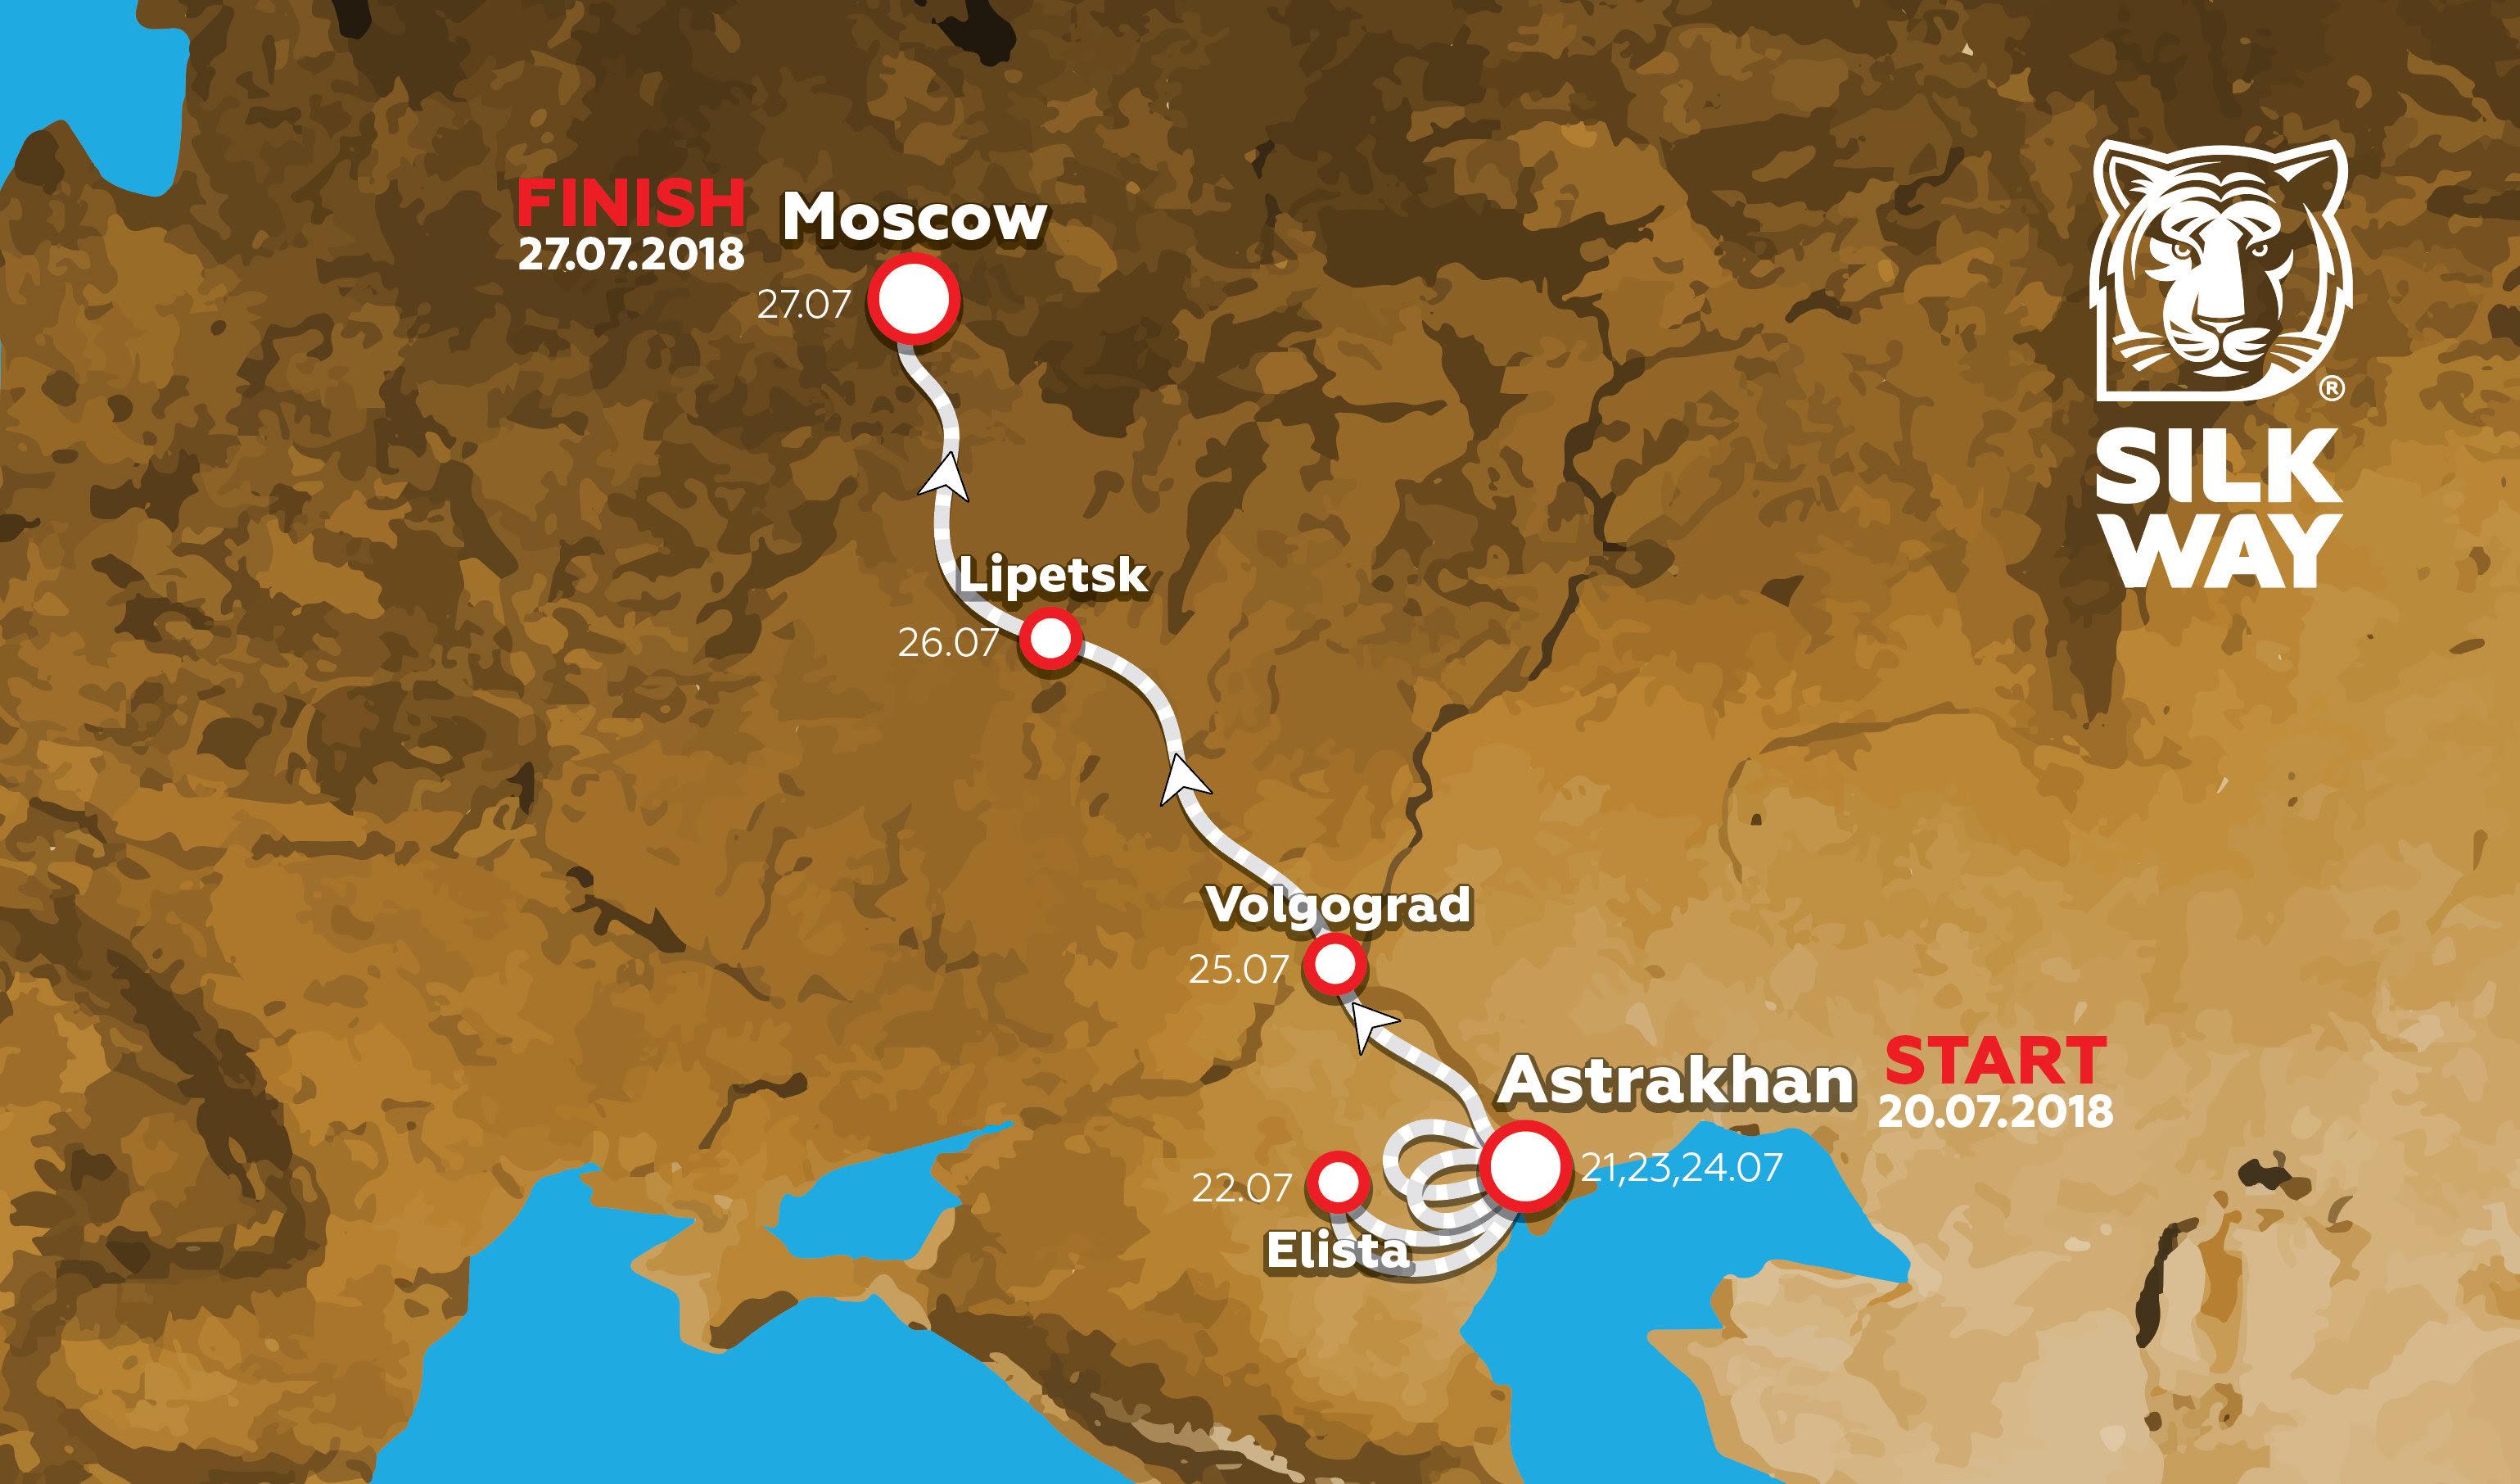 Ралли-рейд Шелковый путь покажет рекордное количество cтран